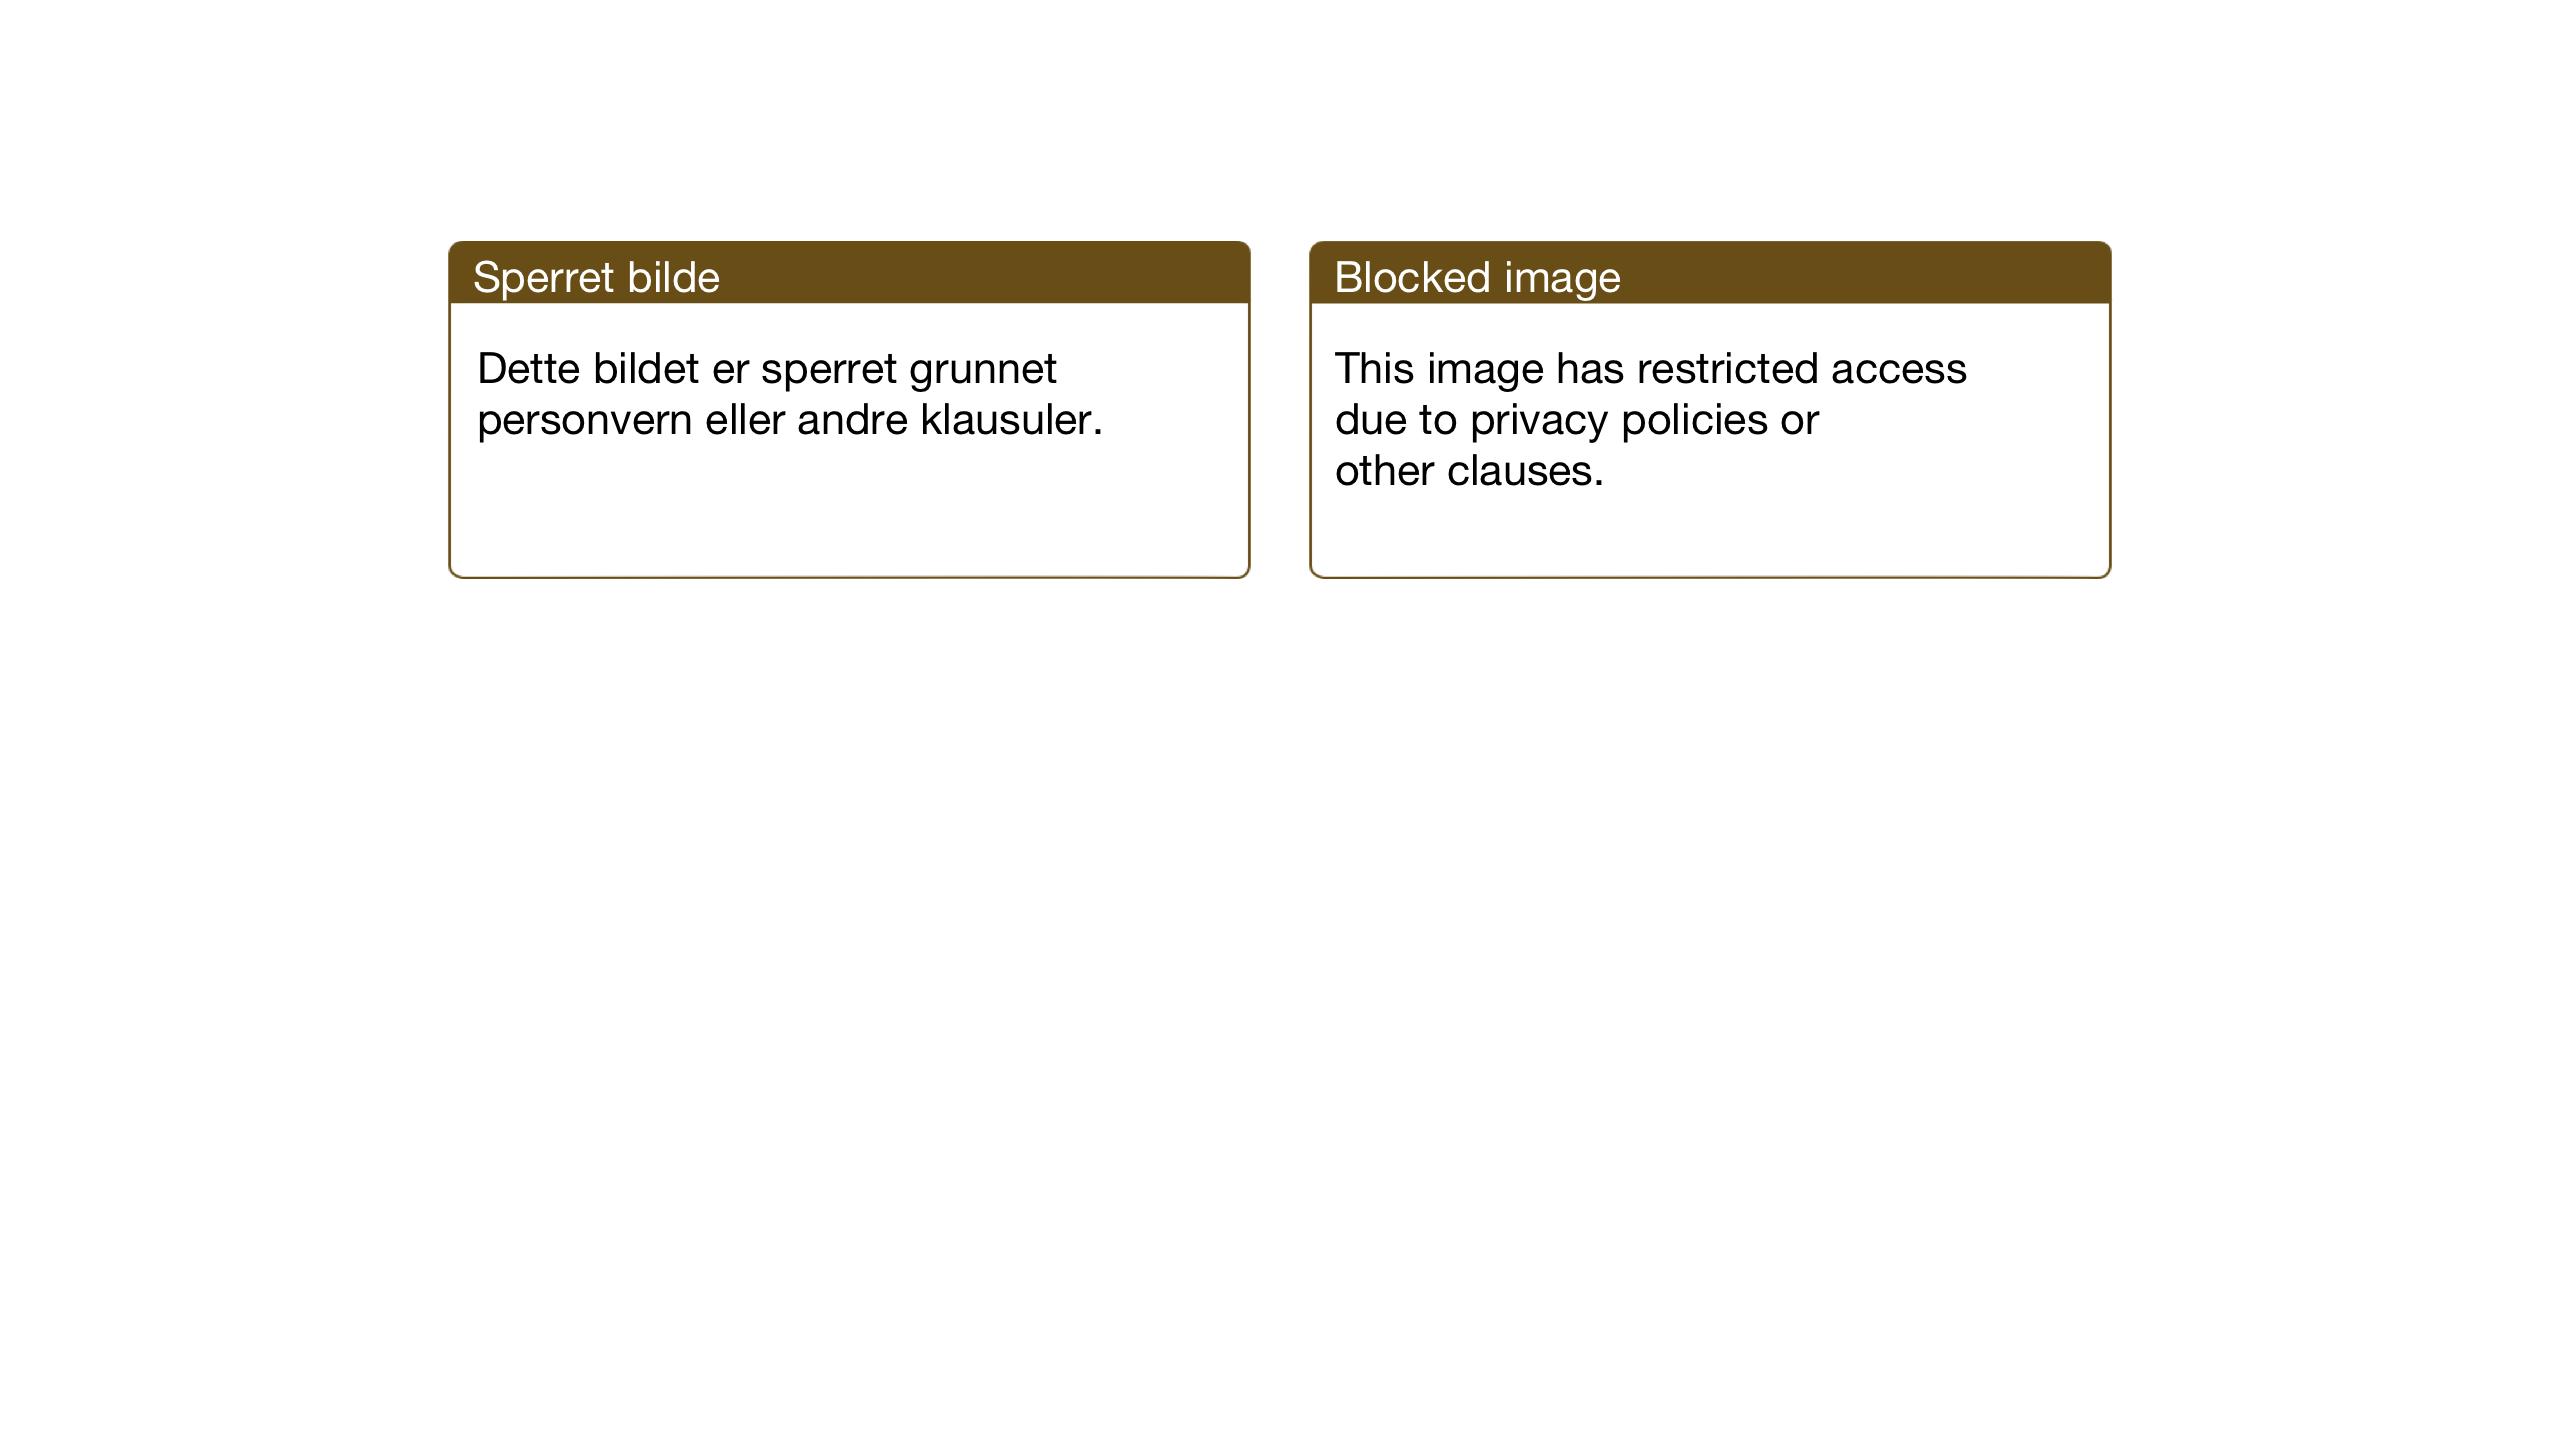 SAT, Ministerialprotokoller, klokkerbøker og fødselsregistre - Nord-Trøndelag, 755/L0500: Klokkerbok nr. 755C01, 1920-1962, s. 20